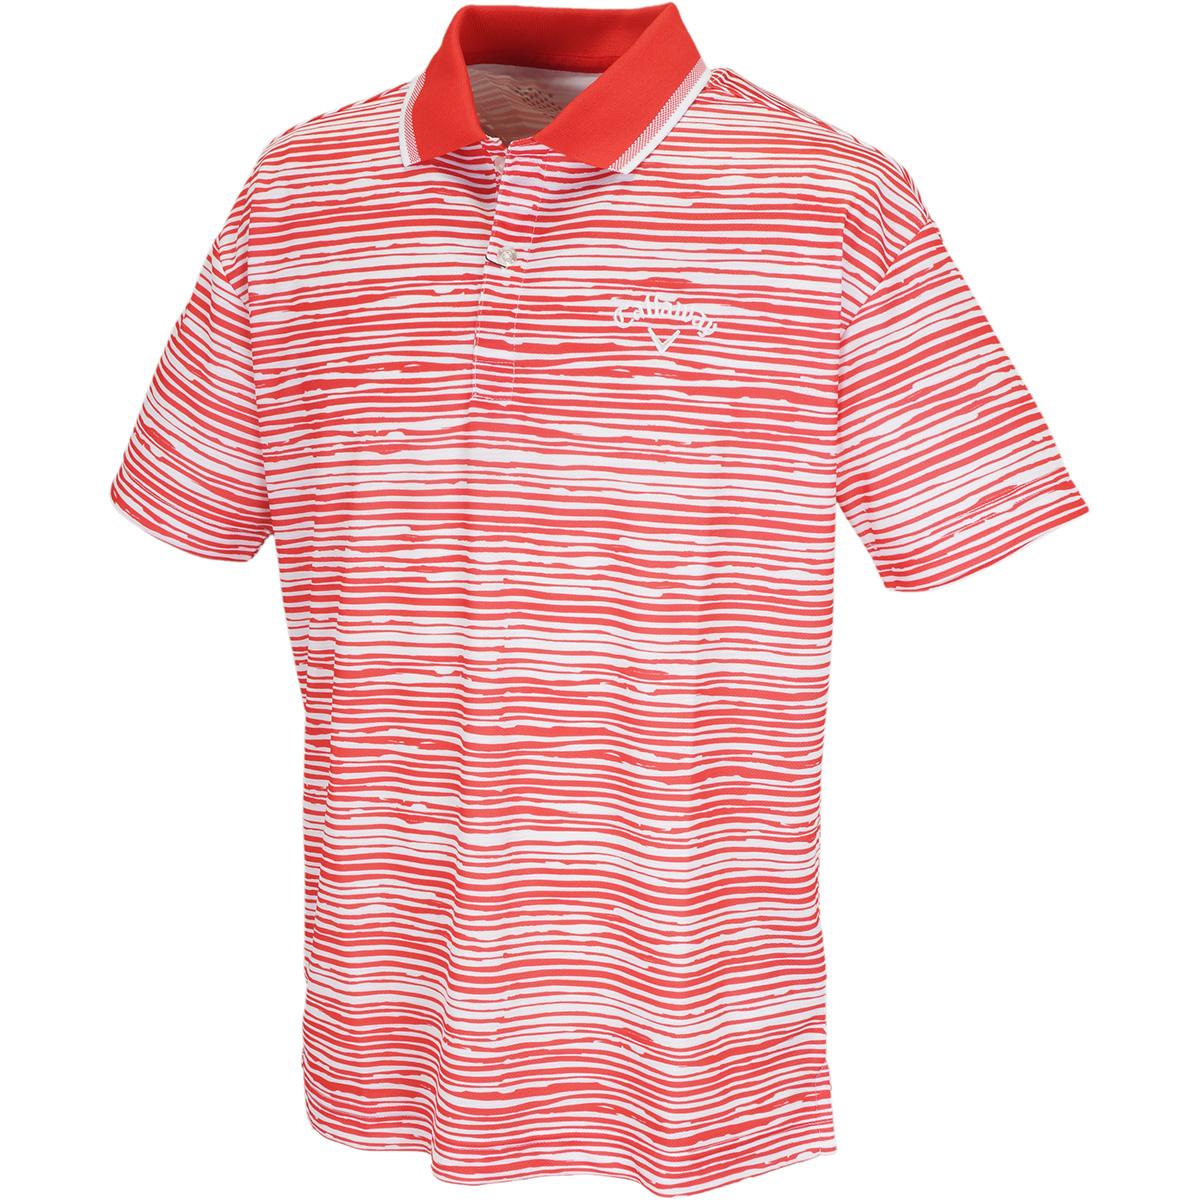 ボーダープリント変形鹿の子 半袖ポロシャツ